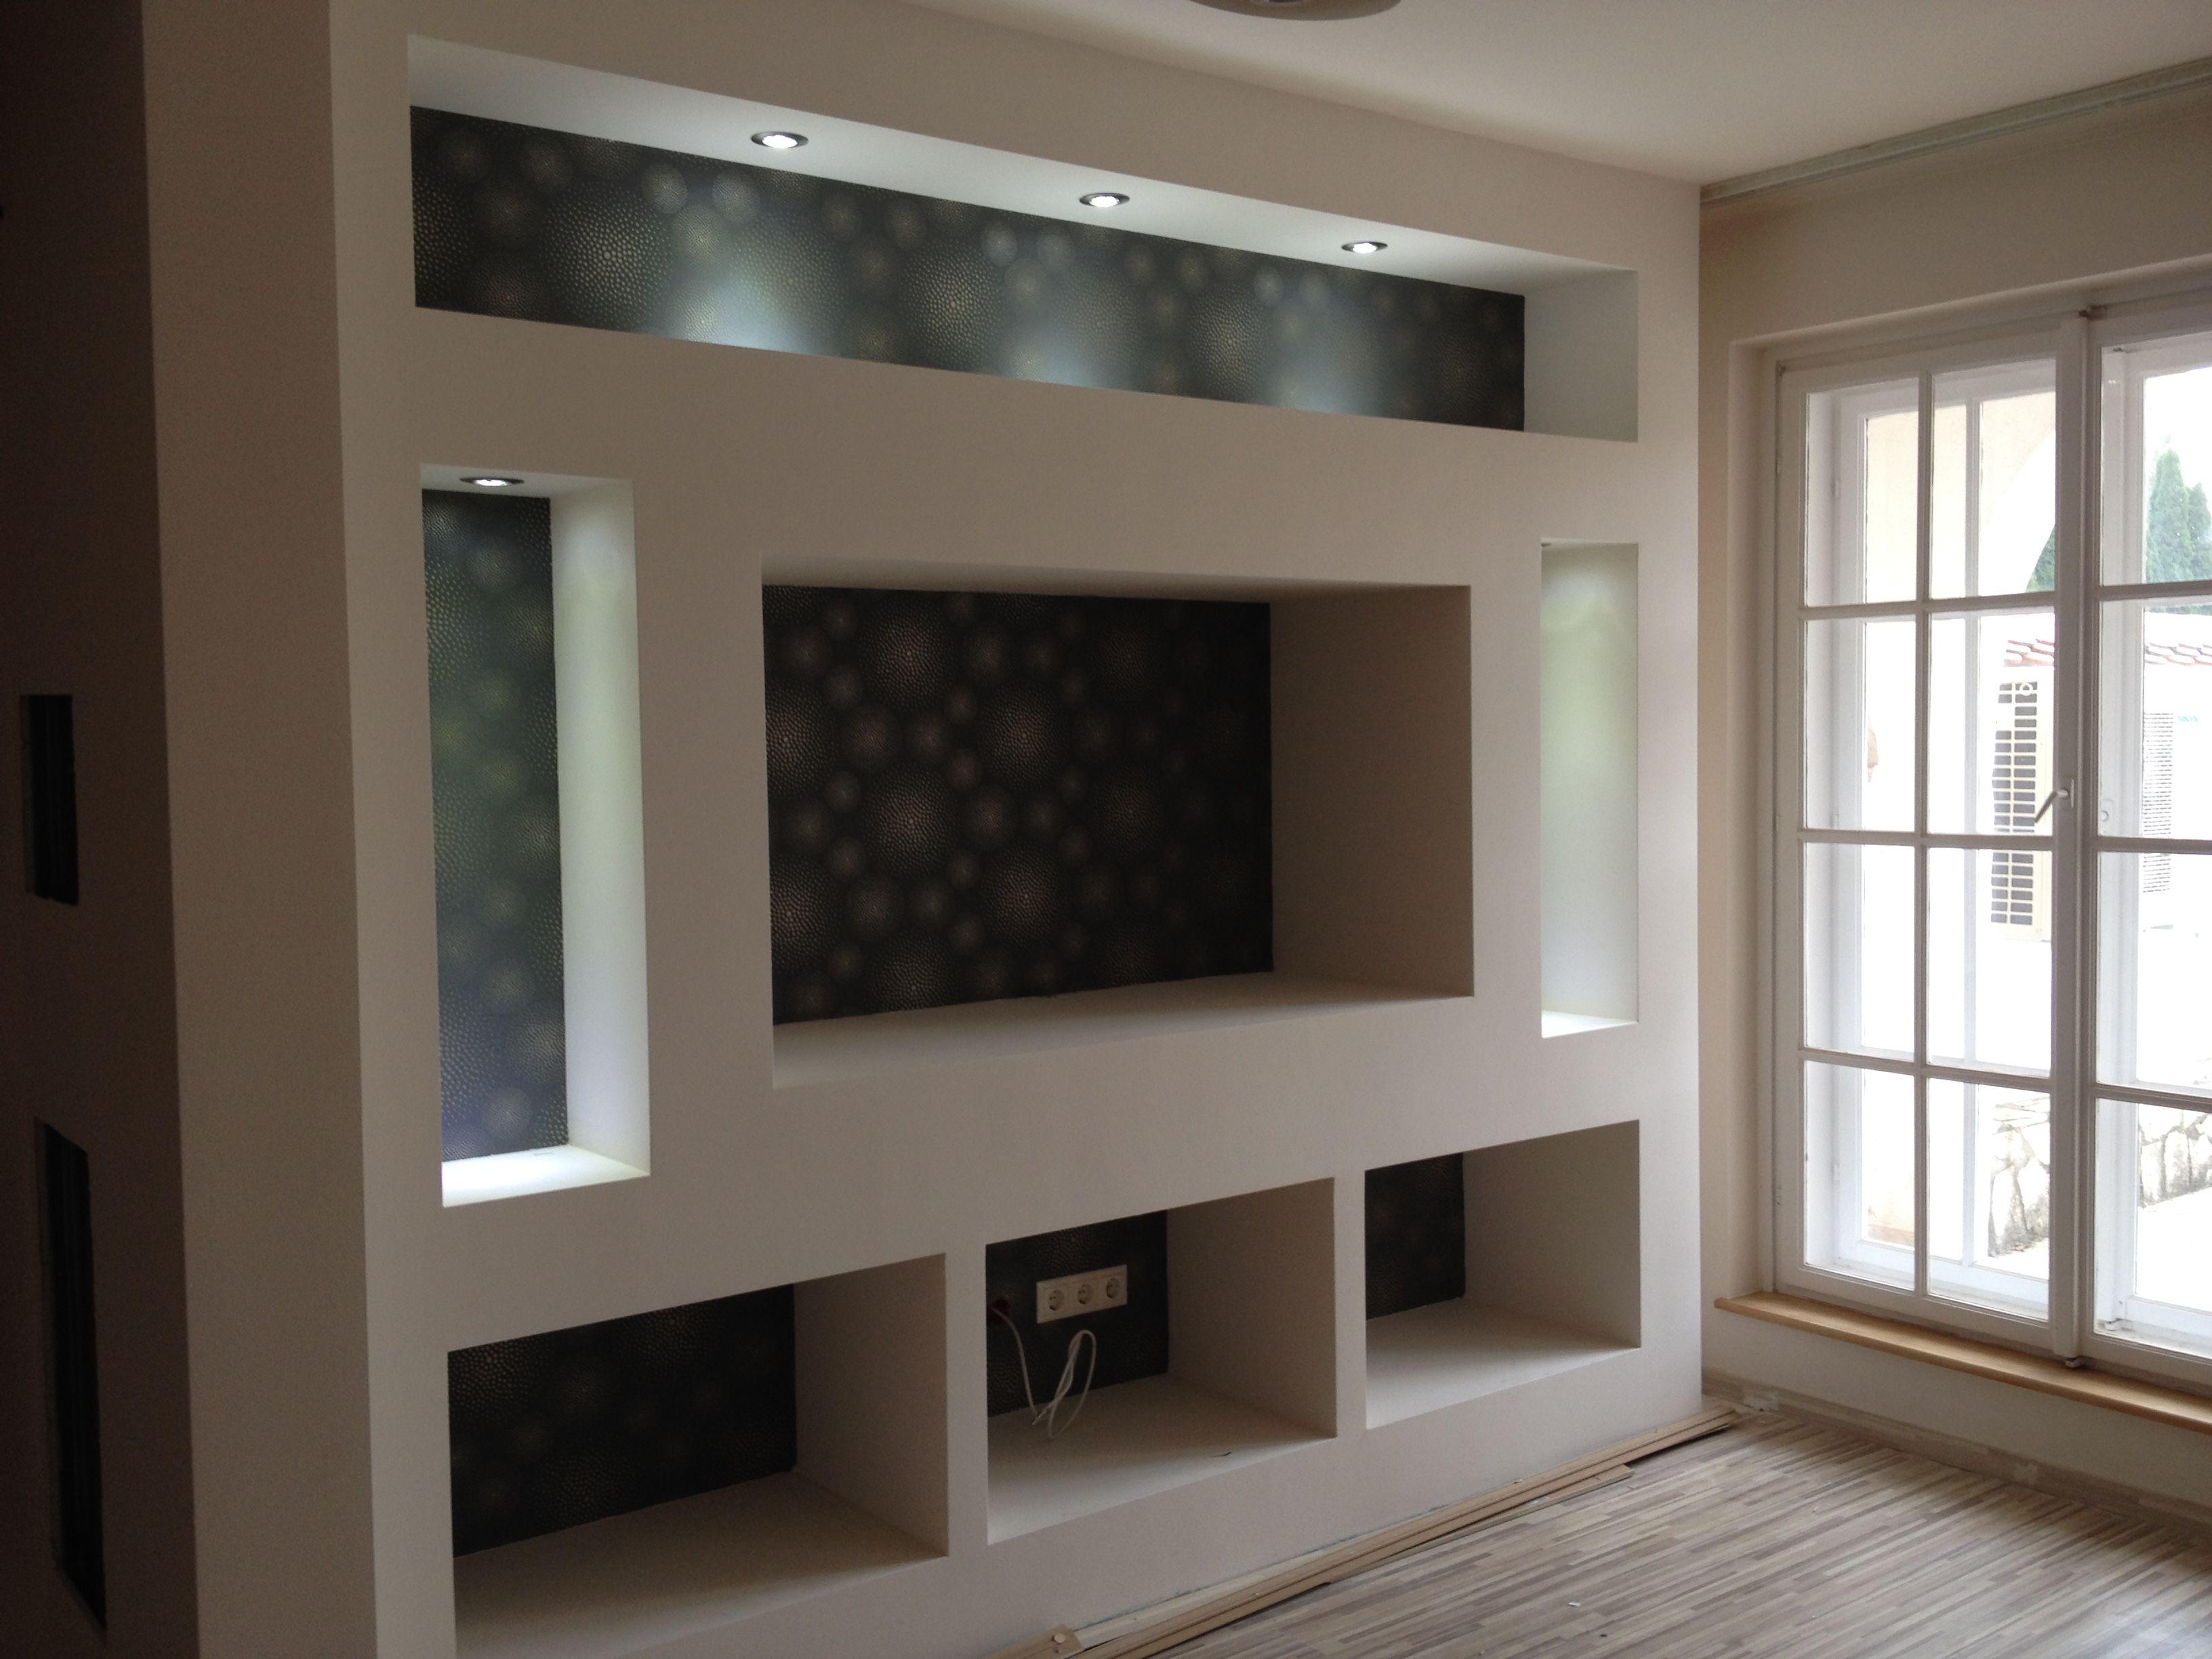 pin von sandra ramos auf decoración | pinterest | wohnzimmer, wände